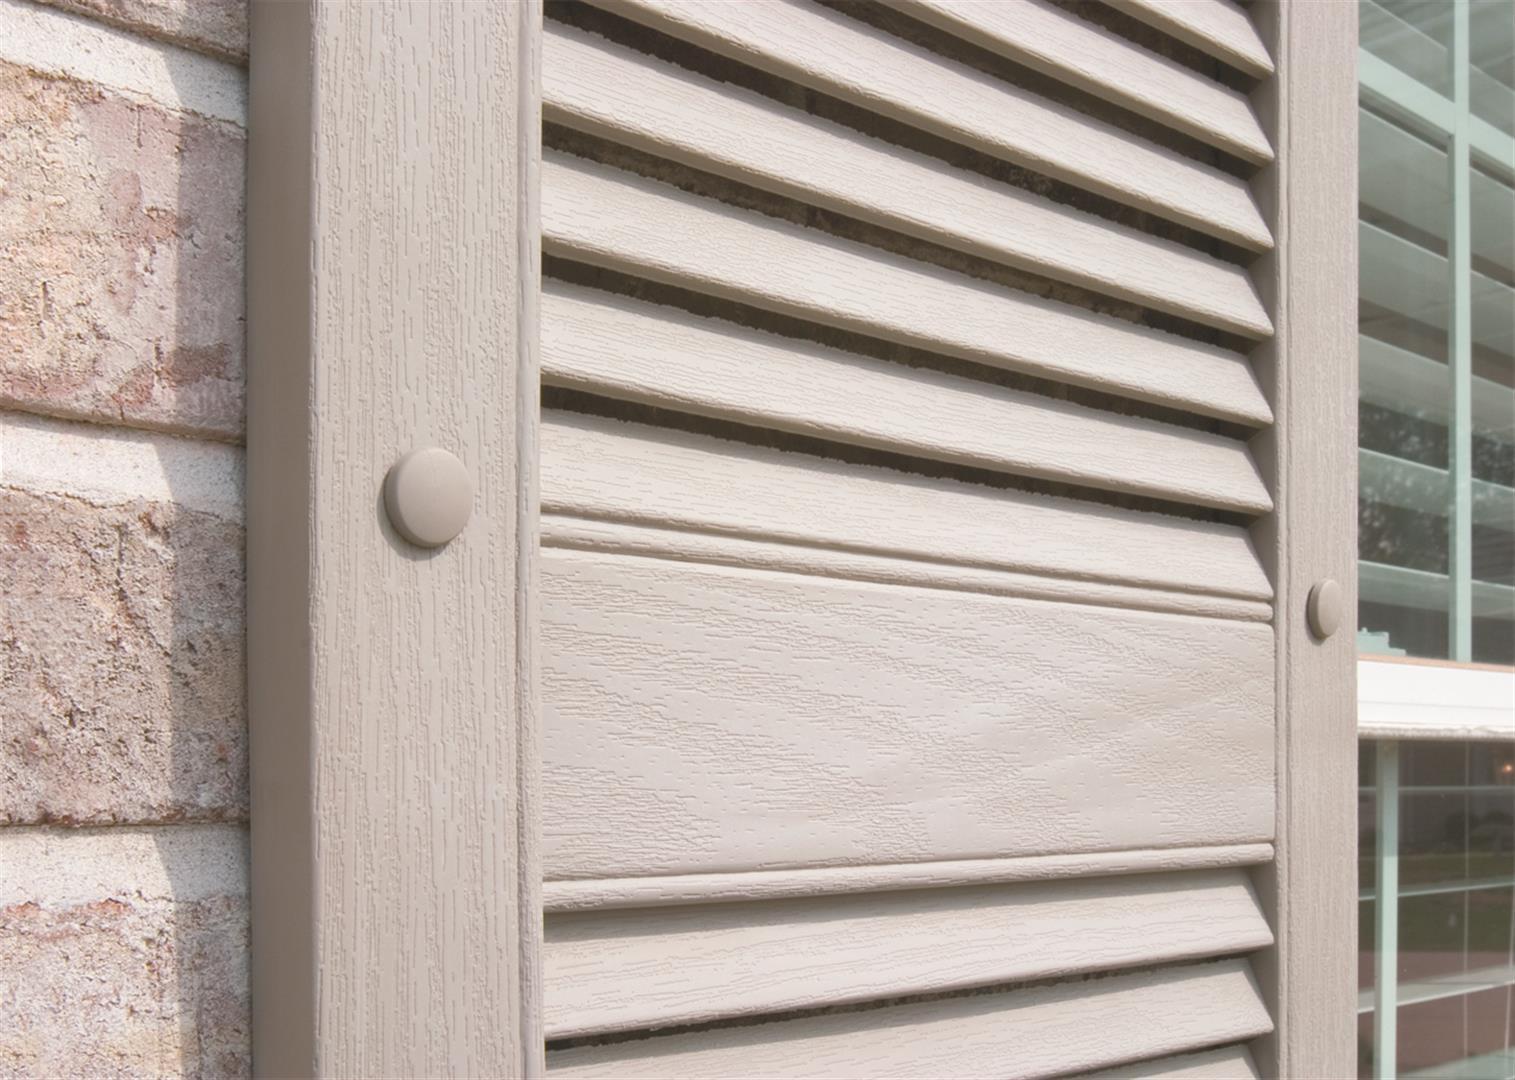 Exterior Shutter Close Up